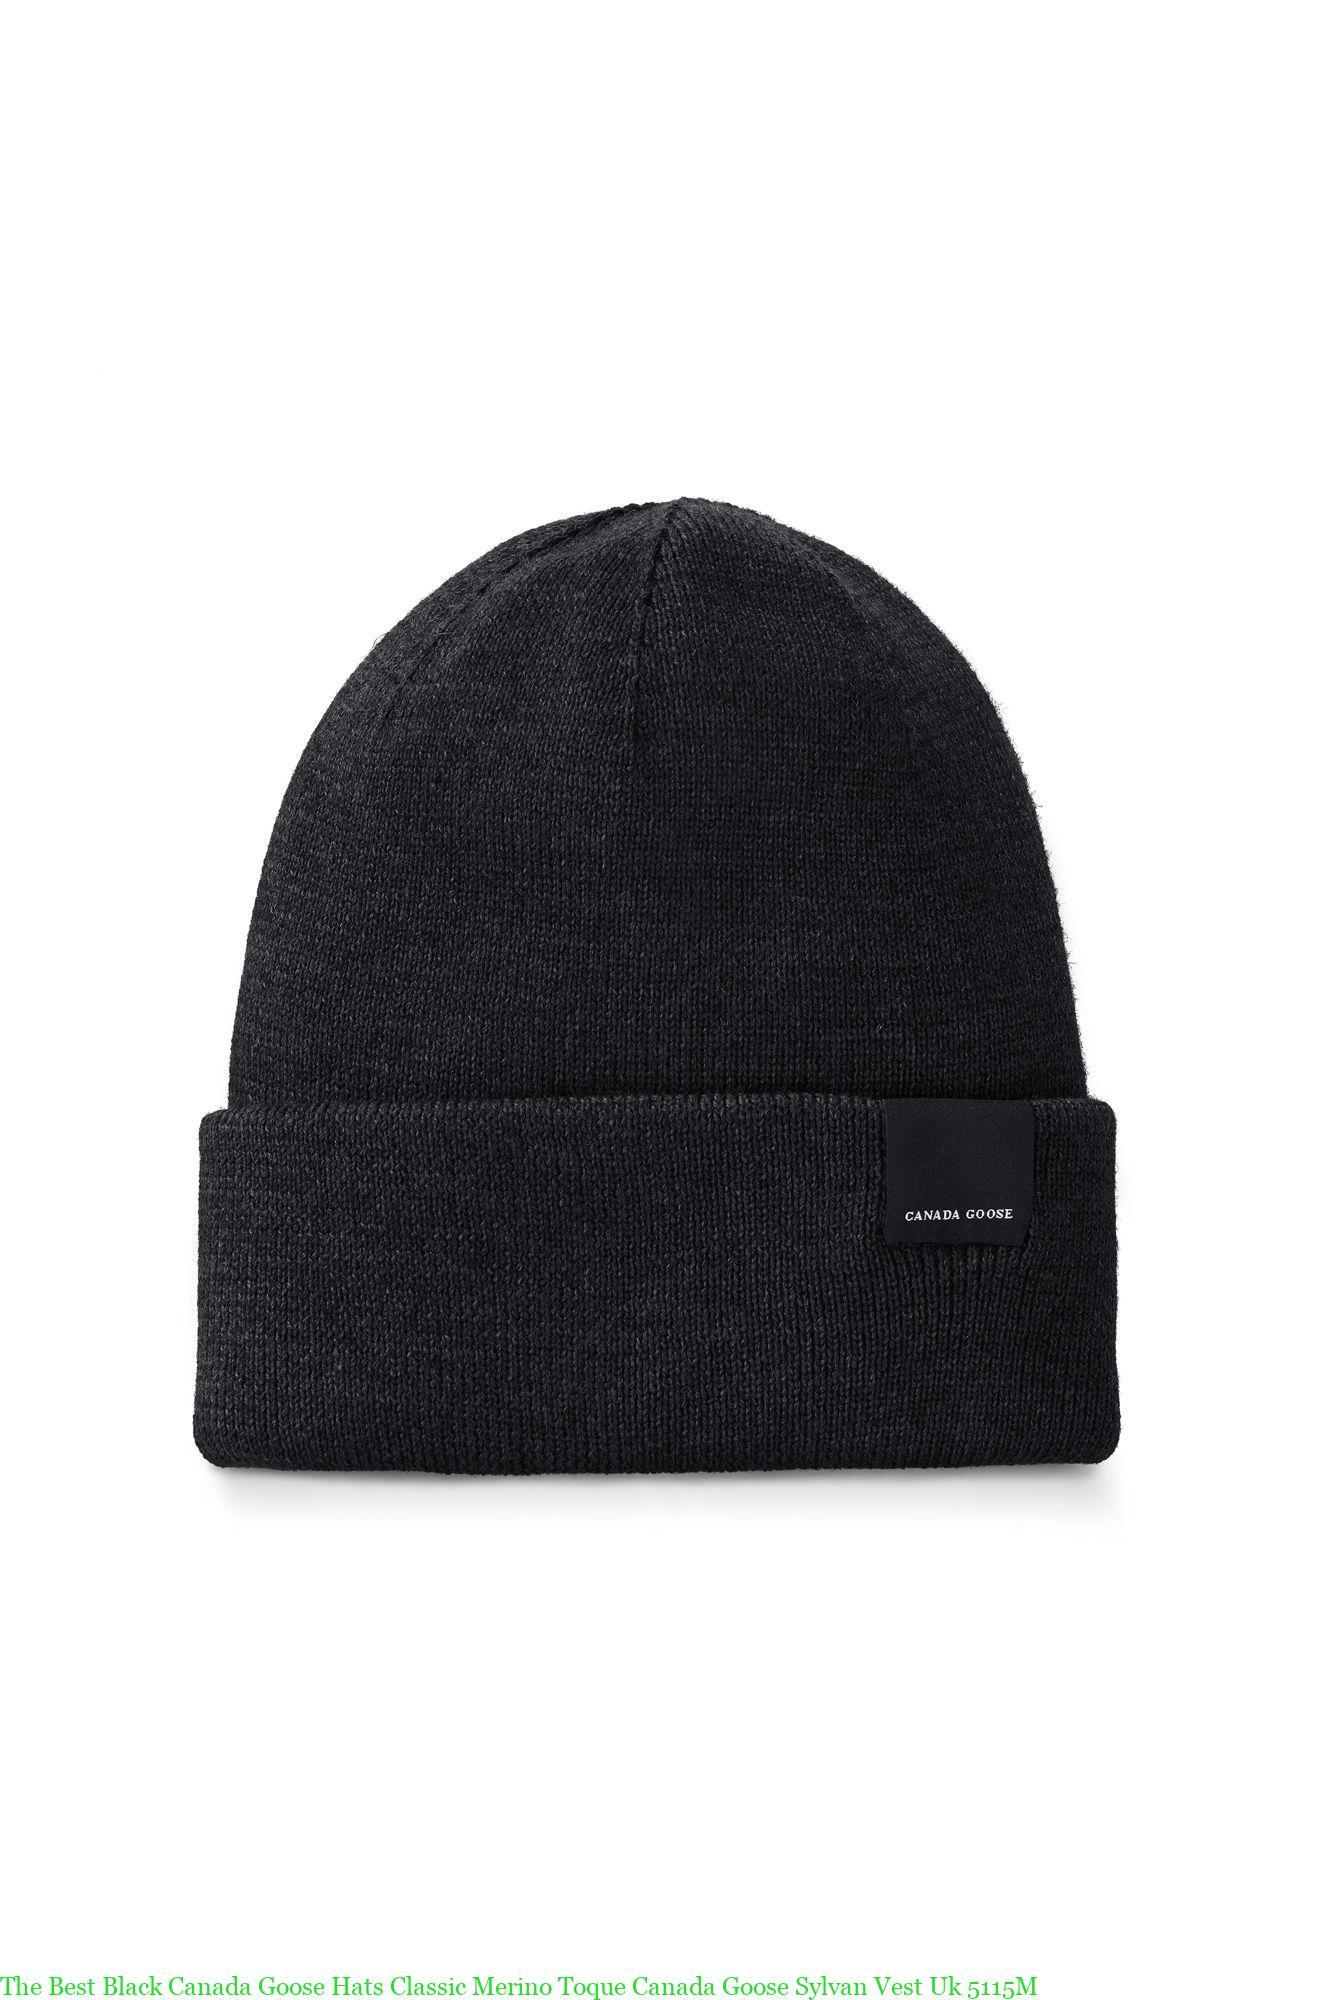 c42354956 The Best Black Canada Goose Hats Classic Merino Toque Canada Goose Sylvan  Vest Uk 5115M